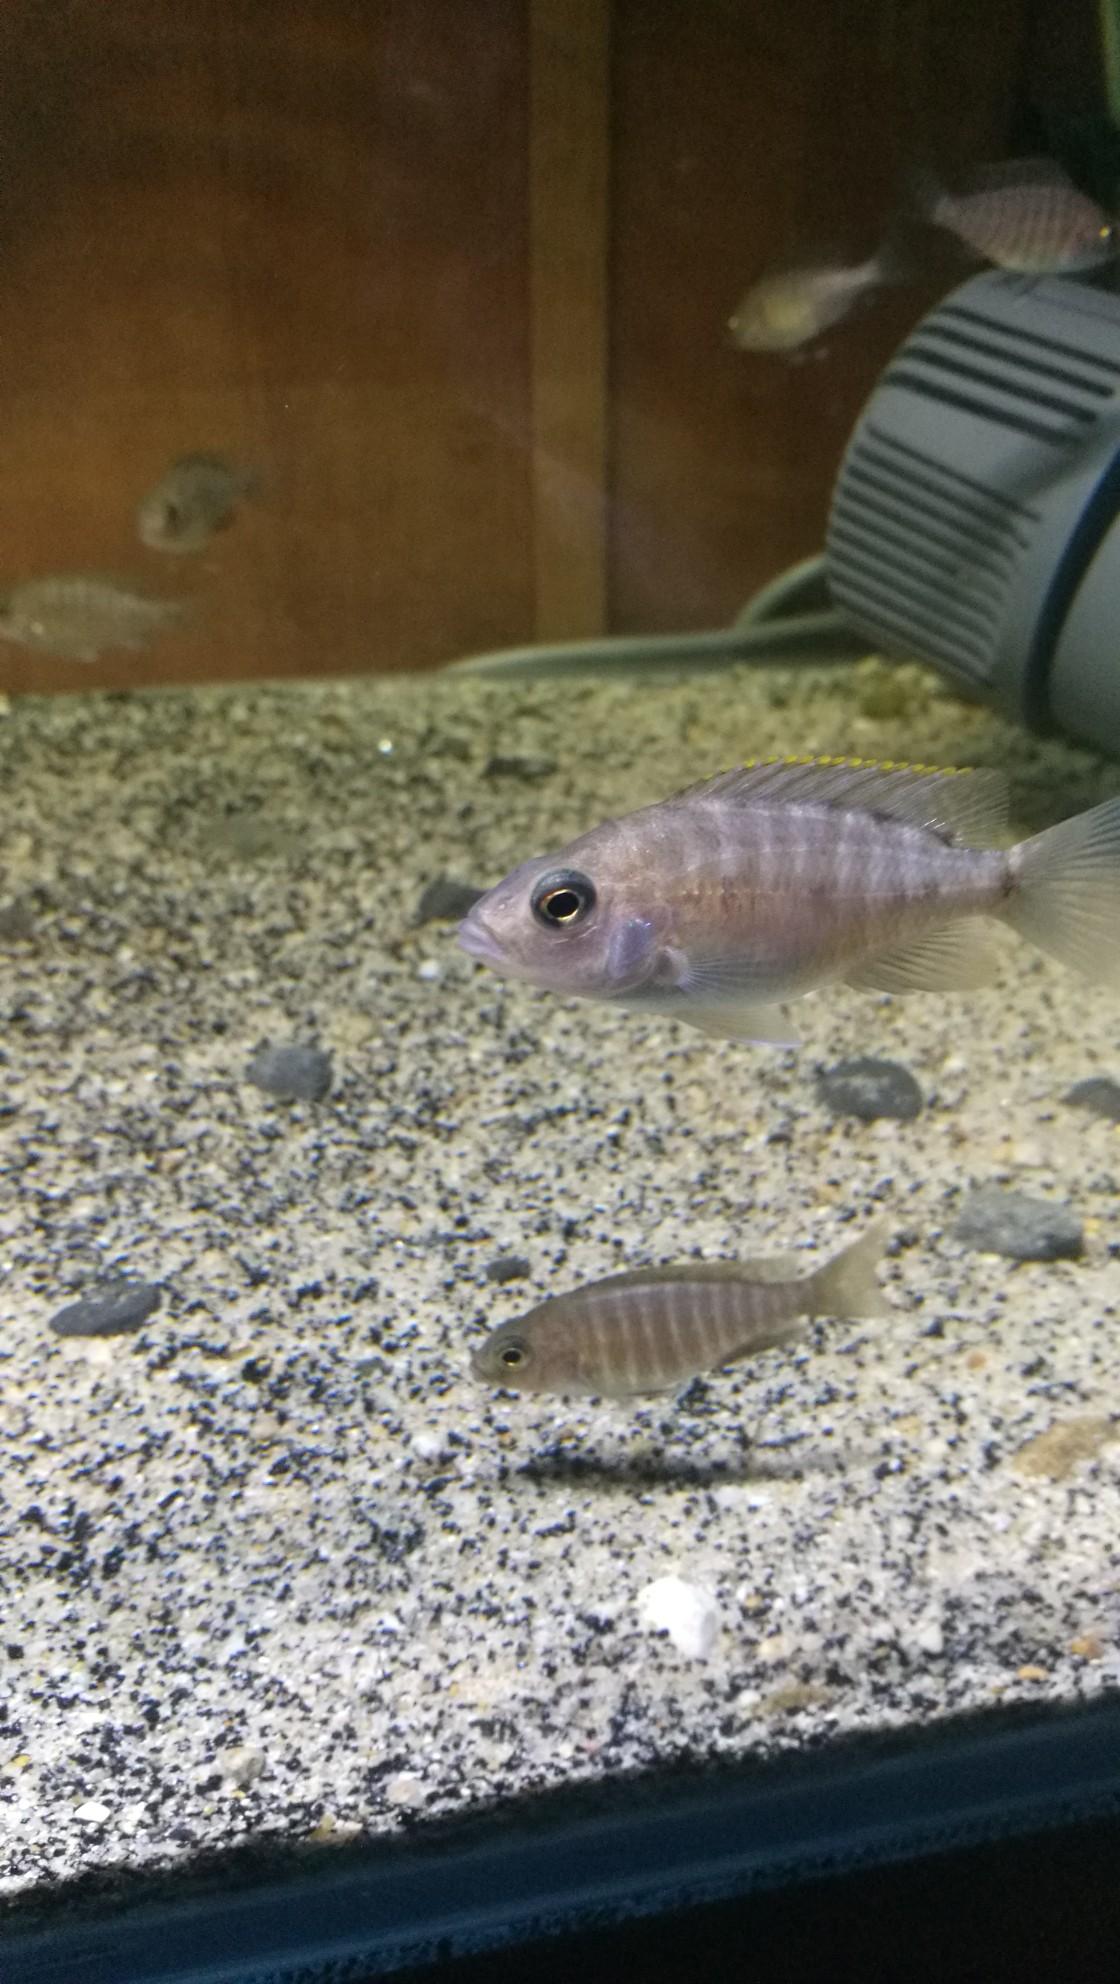 三湖金松鼠繁殖记录 西安观赏鱼信息 西安博特第7张